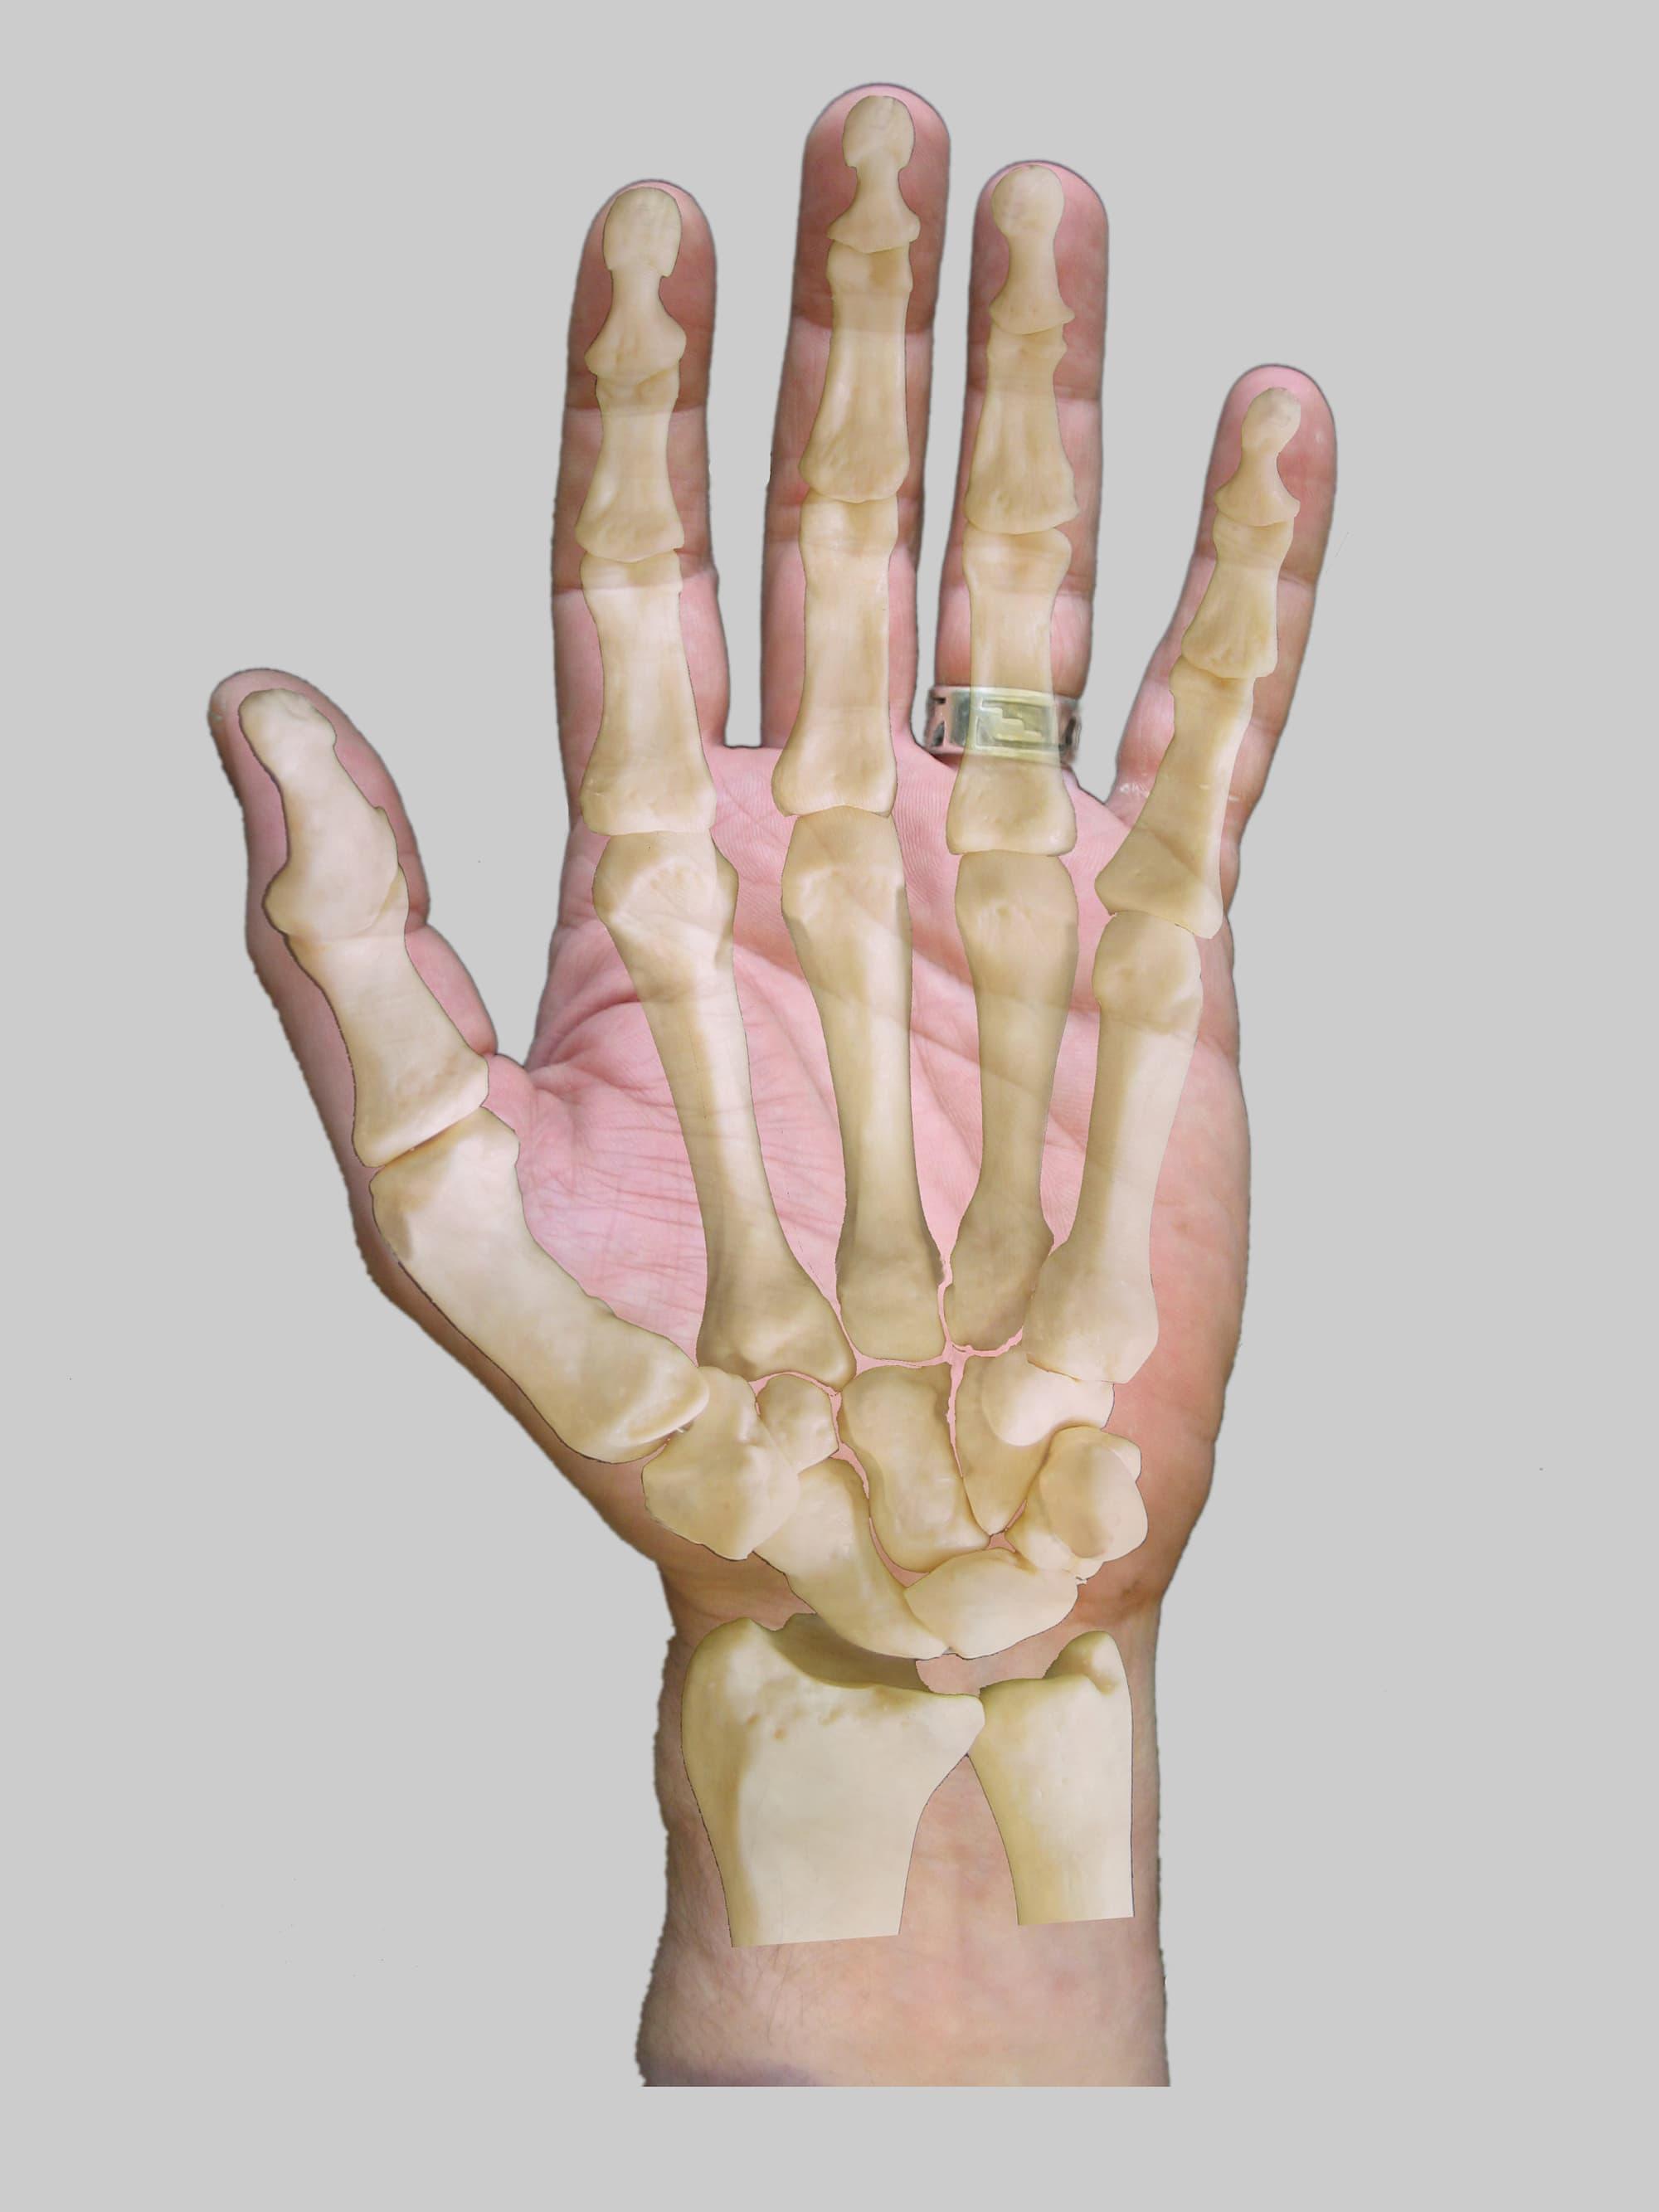 Handwurzelknochen, heiter - Spektrum der Wissenschaft